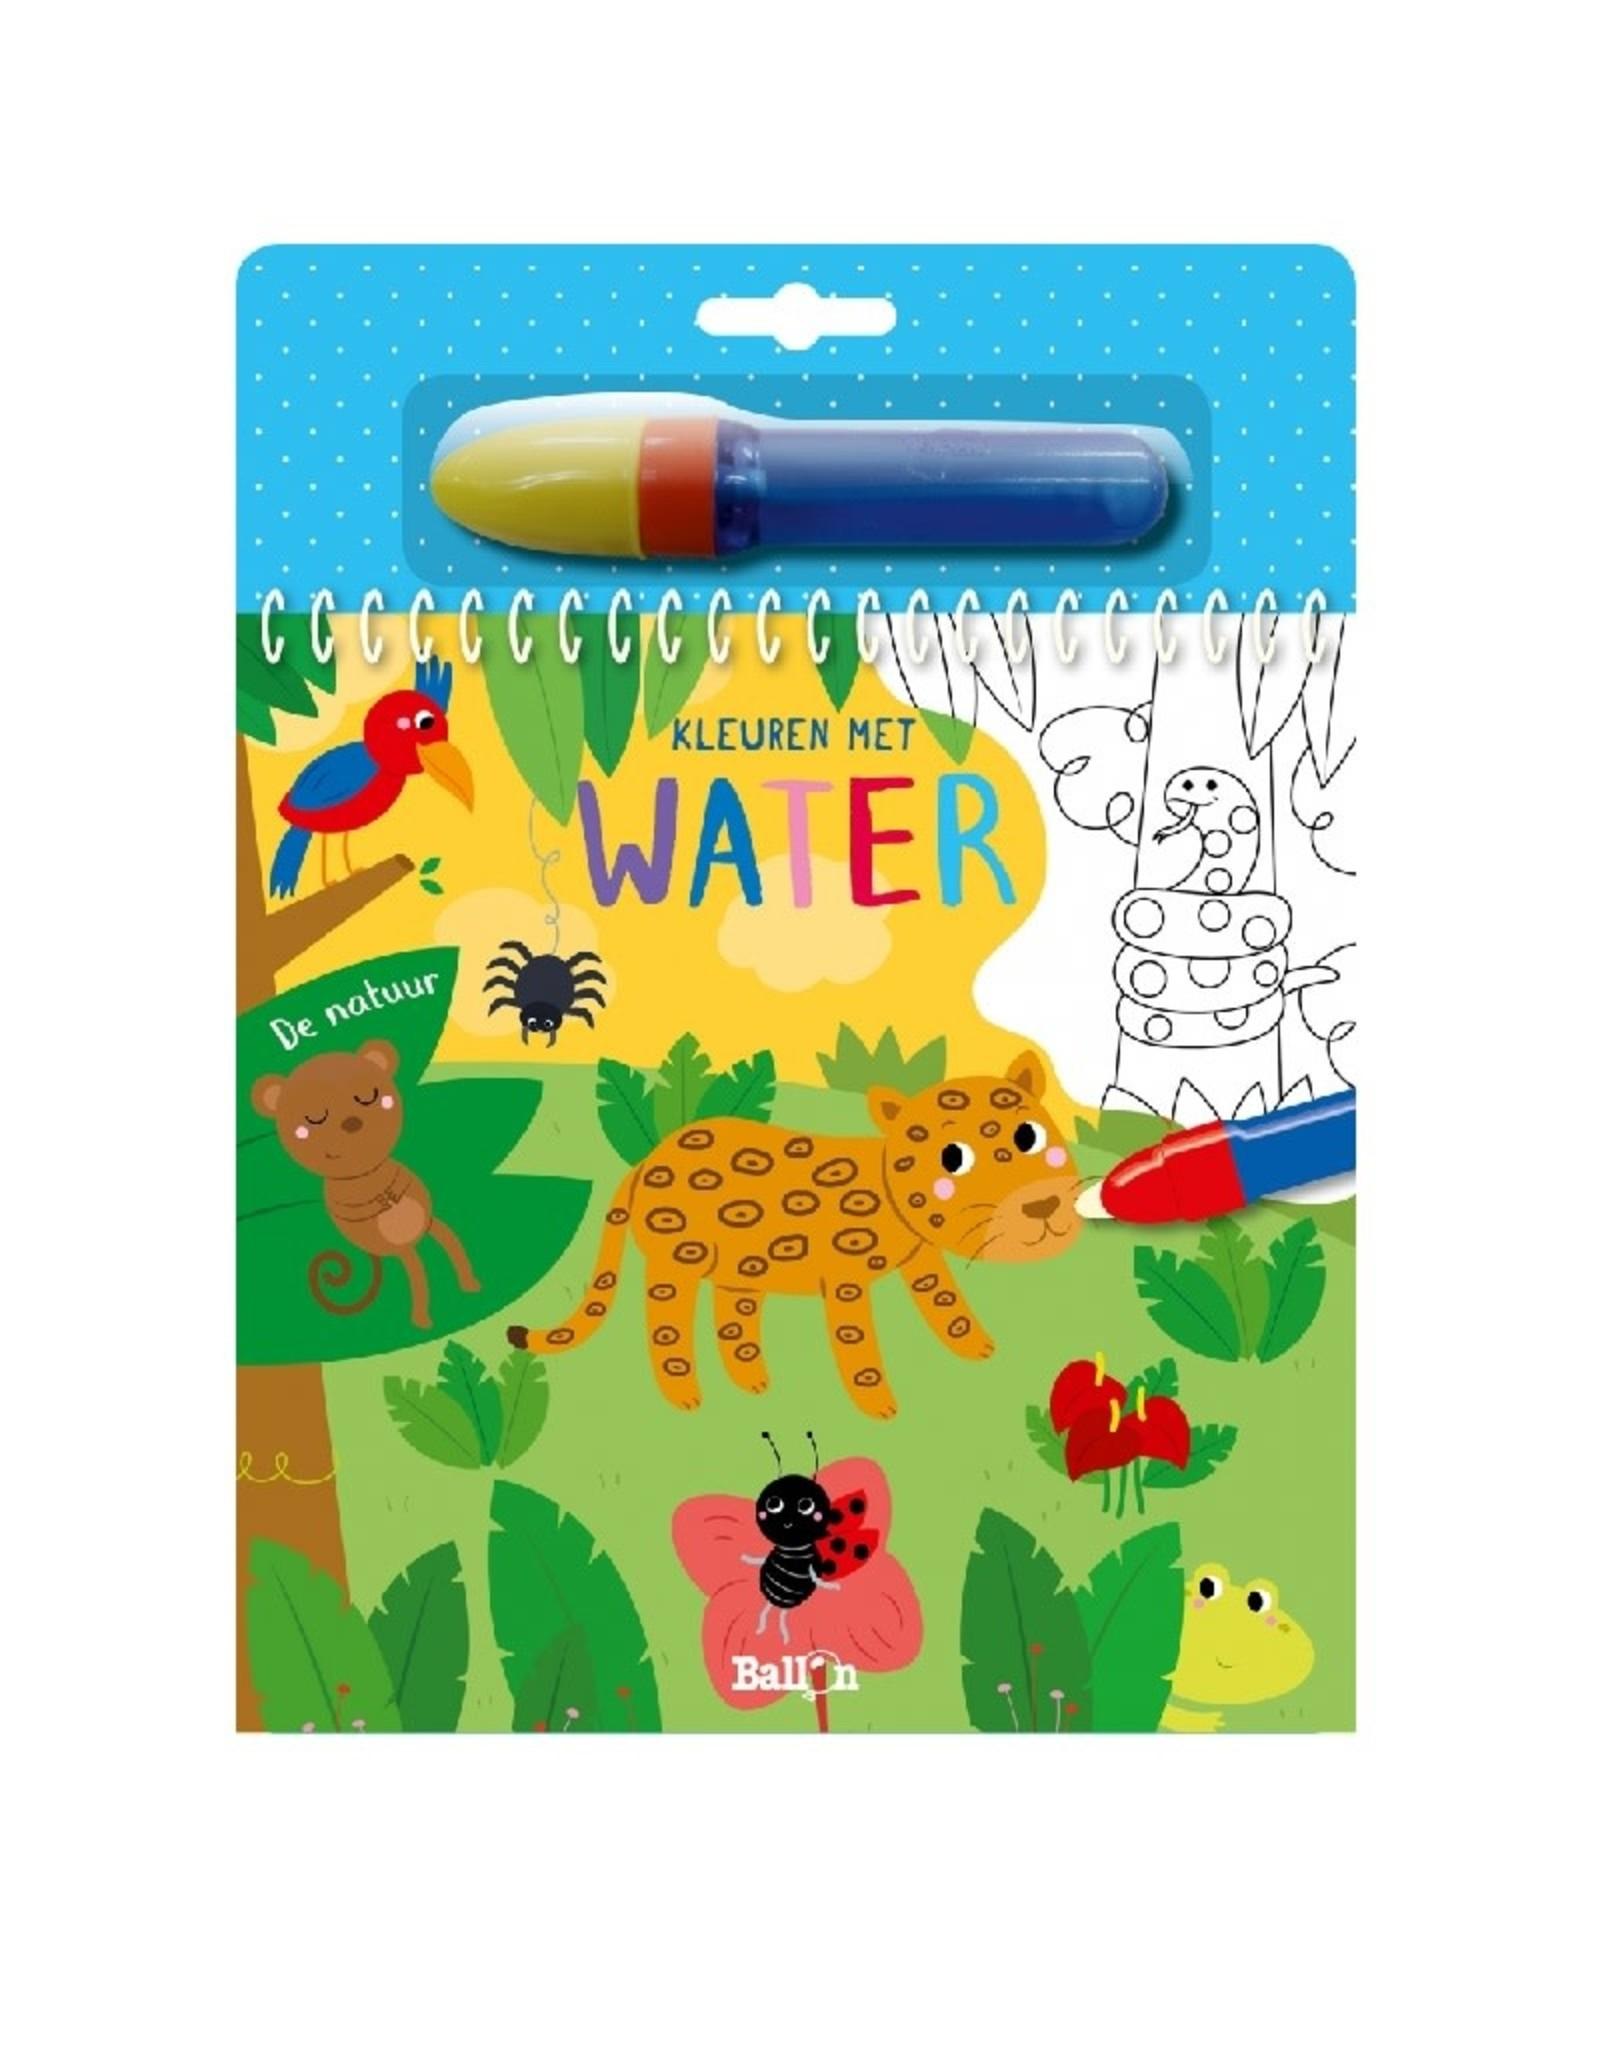 Ballon Kleuren met water - De natuur